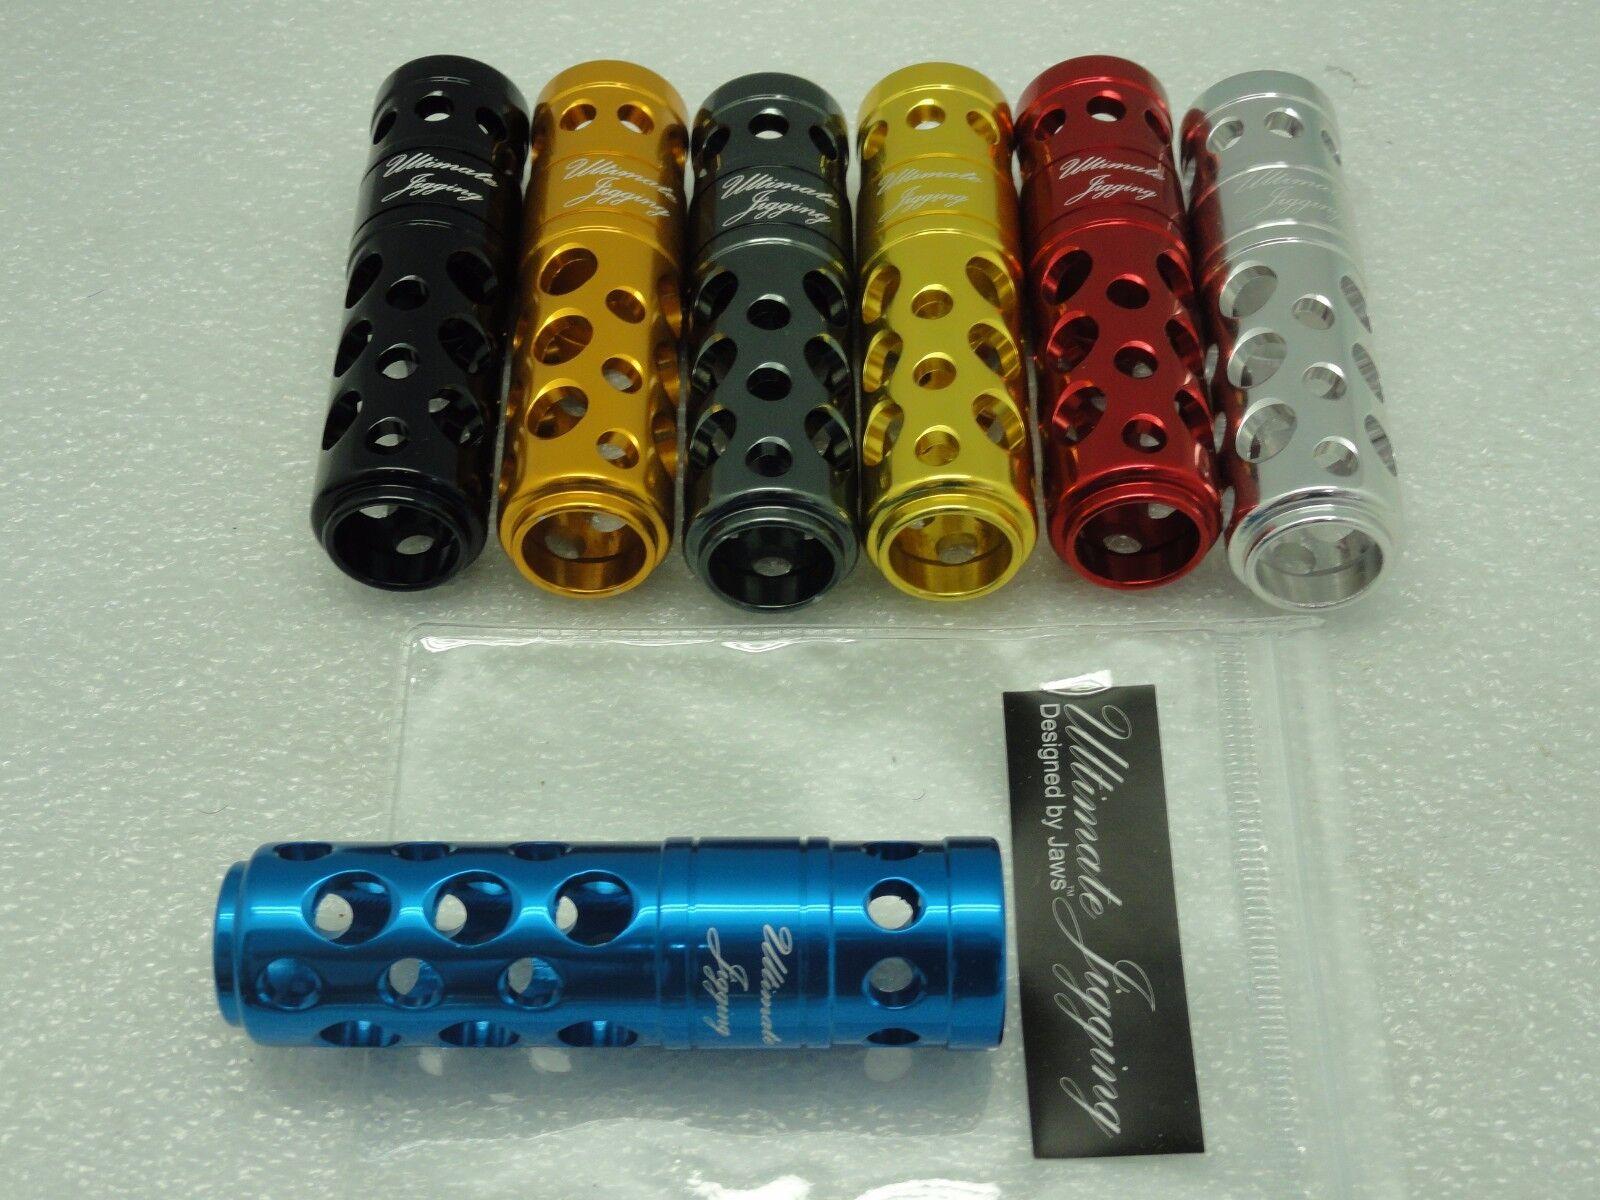 UJ T-BAR T052D handle knob direct fit on DAIWA SALTIST SALTIGA reel D shaft bluee